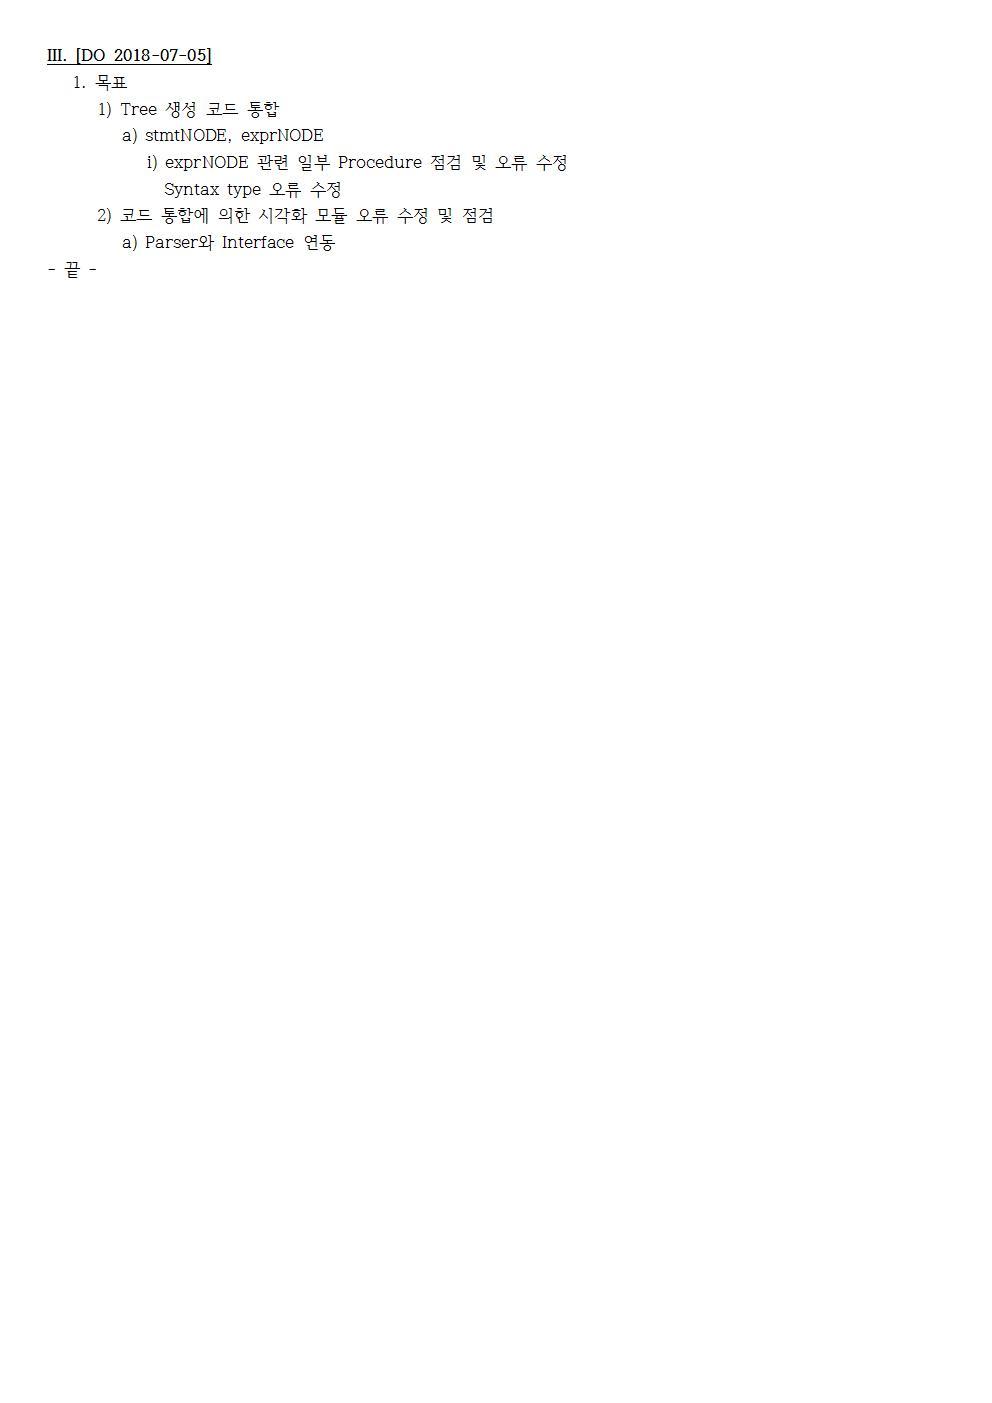 D-[18-003-RD-03]-[SRRE]-[2018-07-05][JS]003.jpg